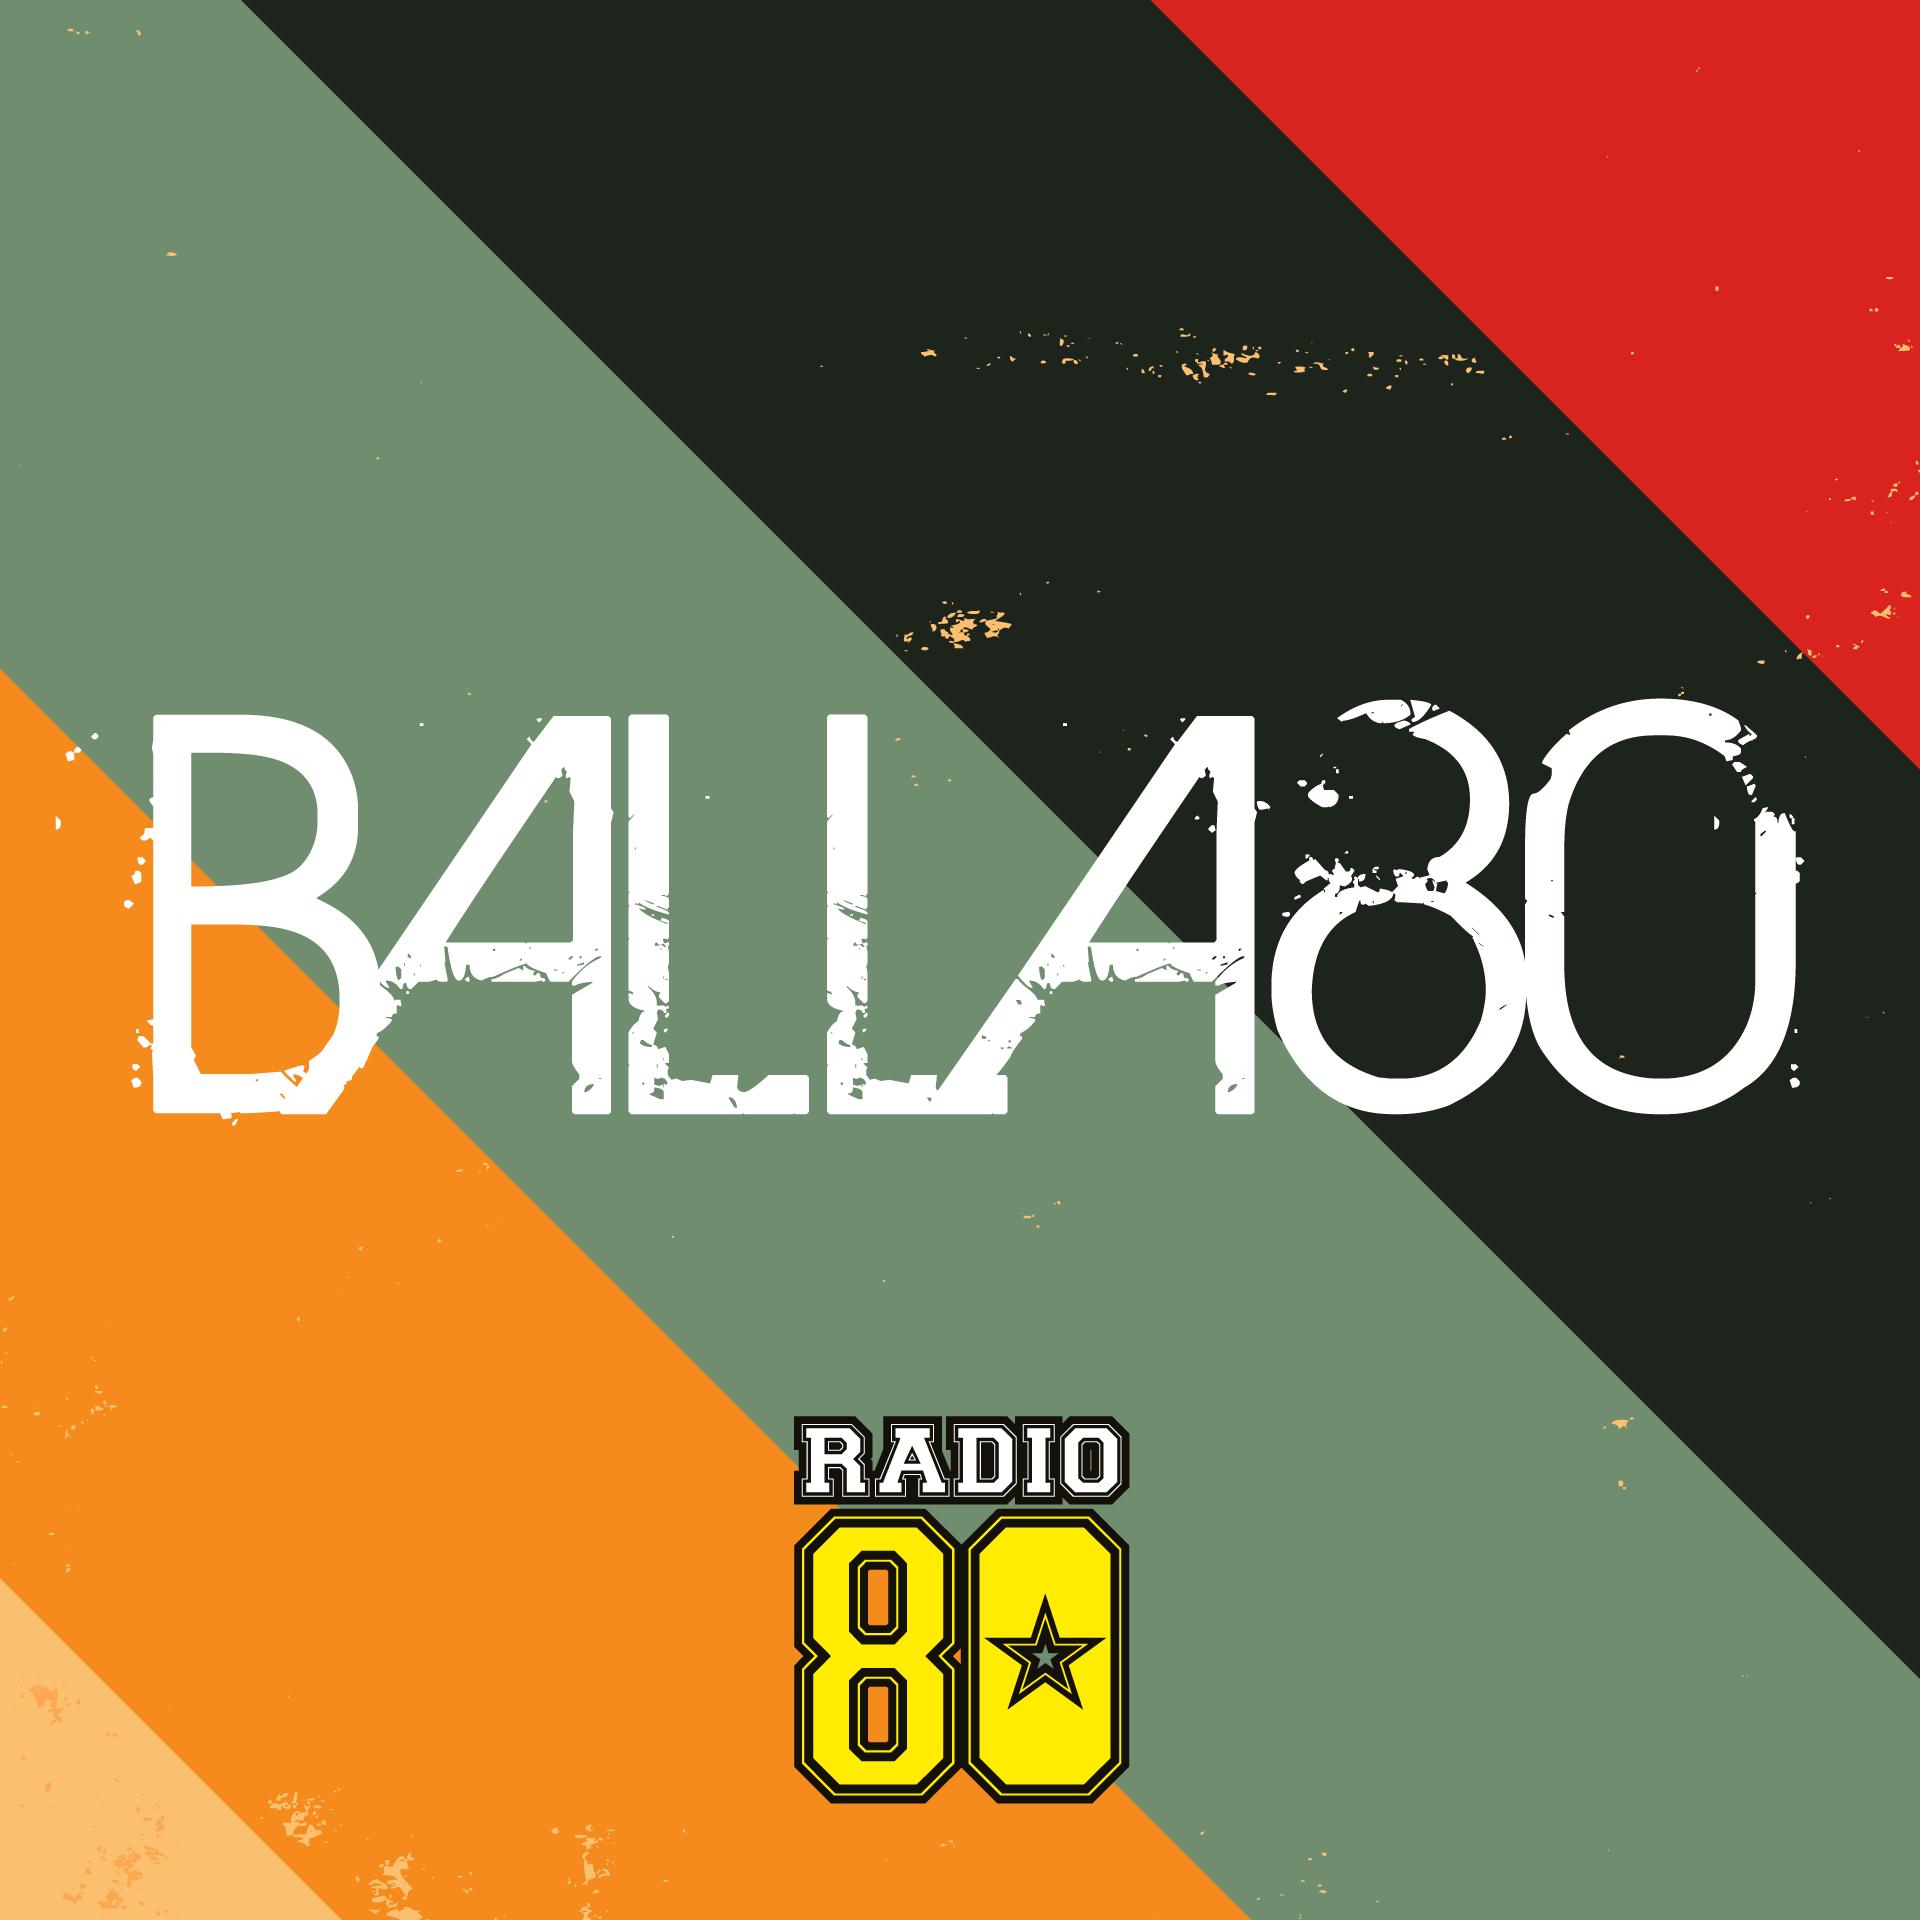 Balla 80 del 14/10/2021